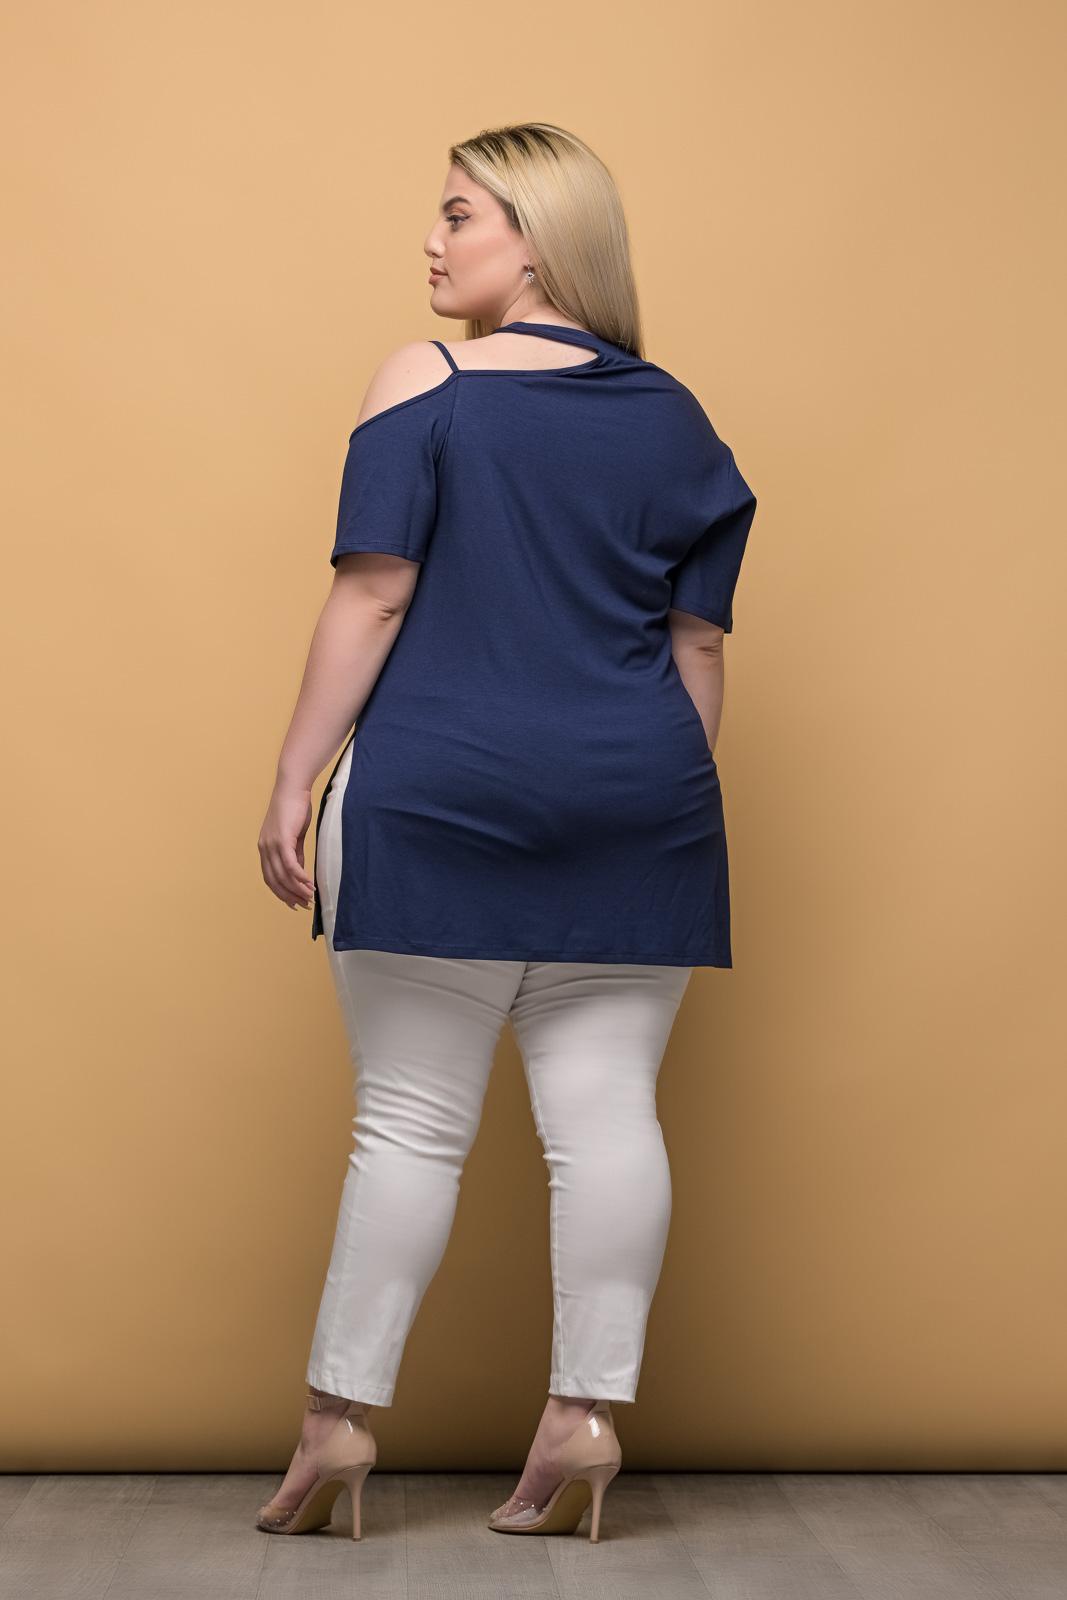 Μπλούζα μεγάλα μεγέθη με έξω ώμο μπλε και ανοίγματα στο πλάι .Στο eshop μας θα βρείτε οικονομικά γυναίκεια ρούχα σε μεγάλα μεγέθη και υπερμεγέθη.